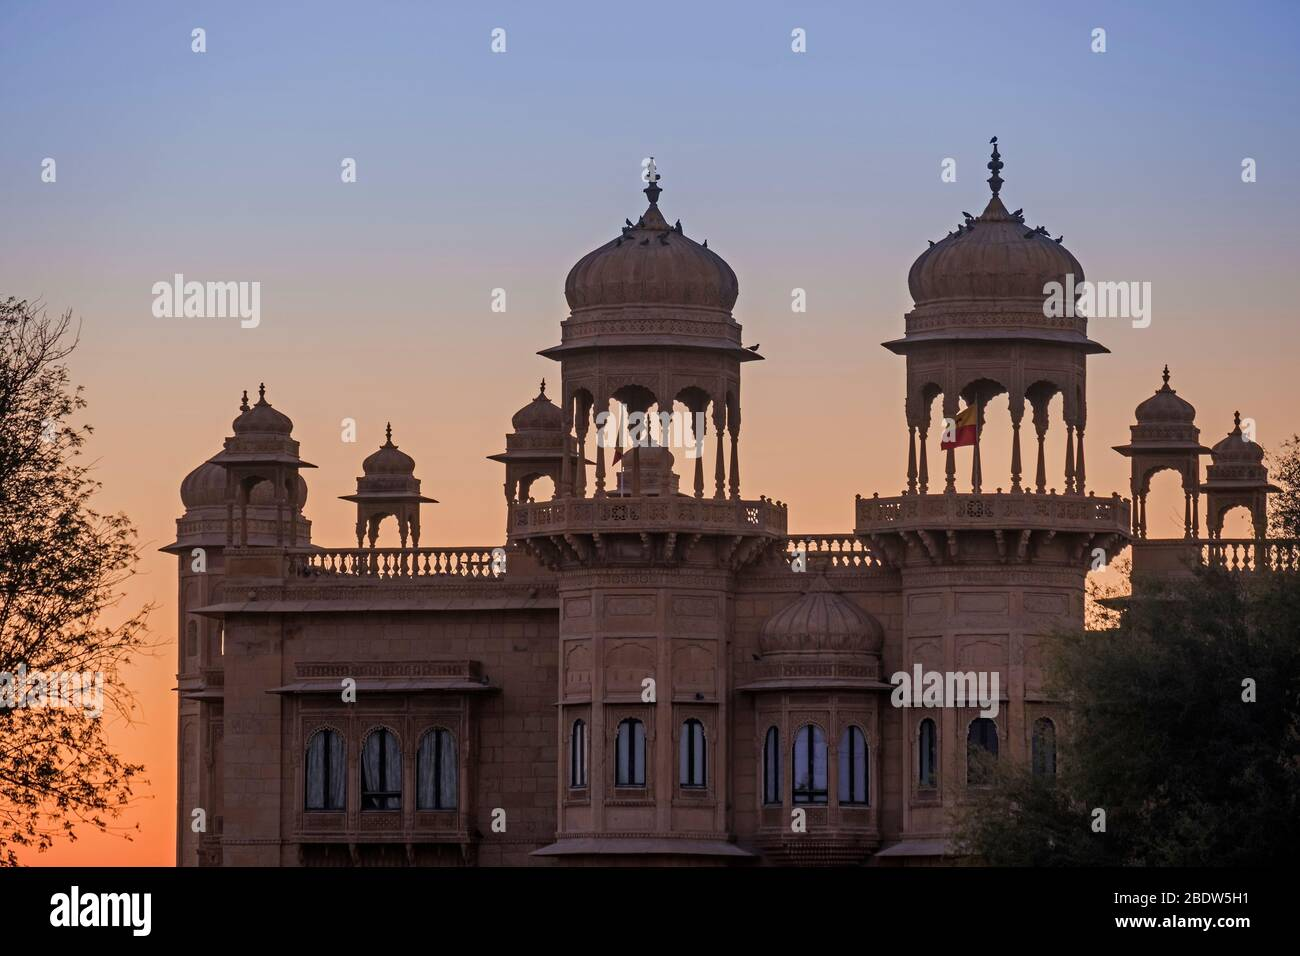 Jawahar Niwas Palace Jaisalmer Rajasthan Indien Stockfoto